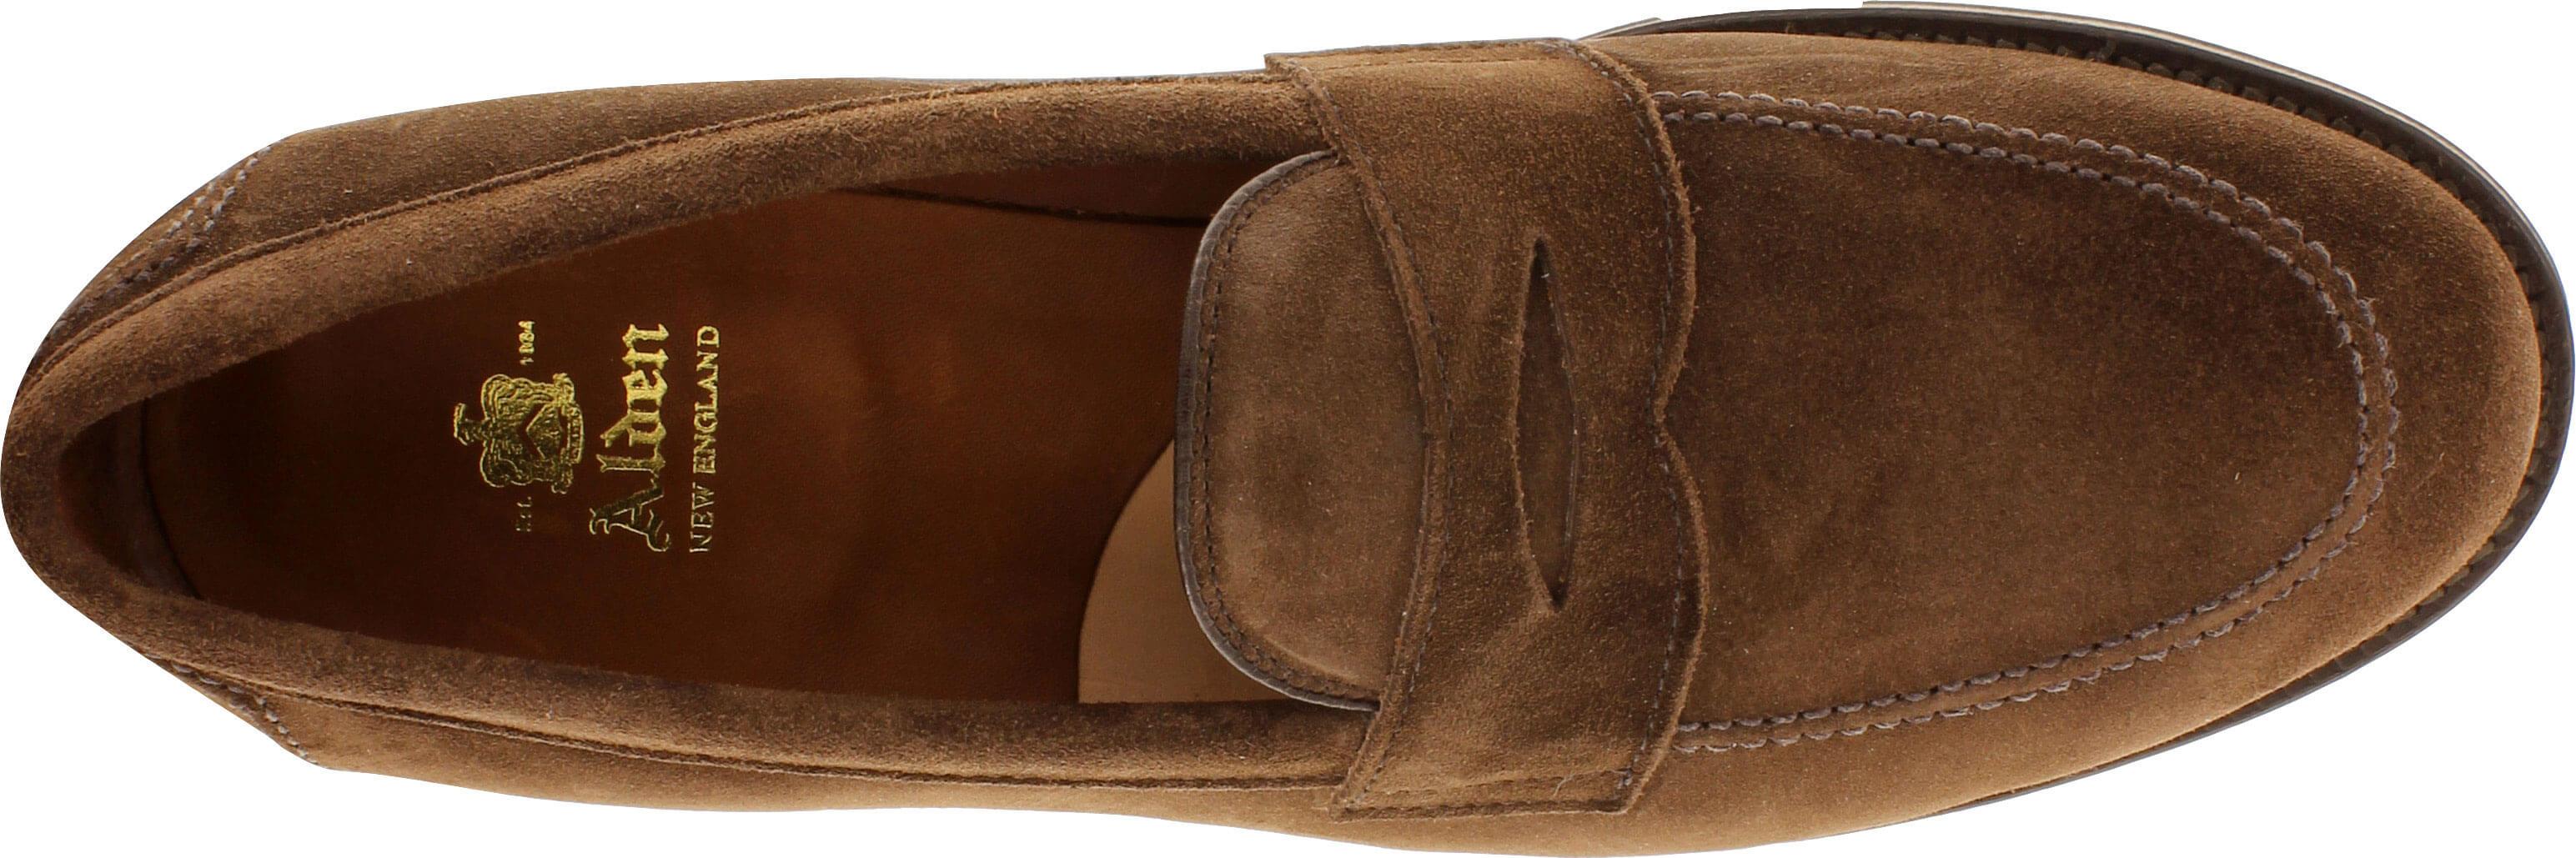 24bf9655a9e Alden Men s 9697F - Penny Loafer Flex Welt - Dark Brown Suede - The ...